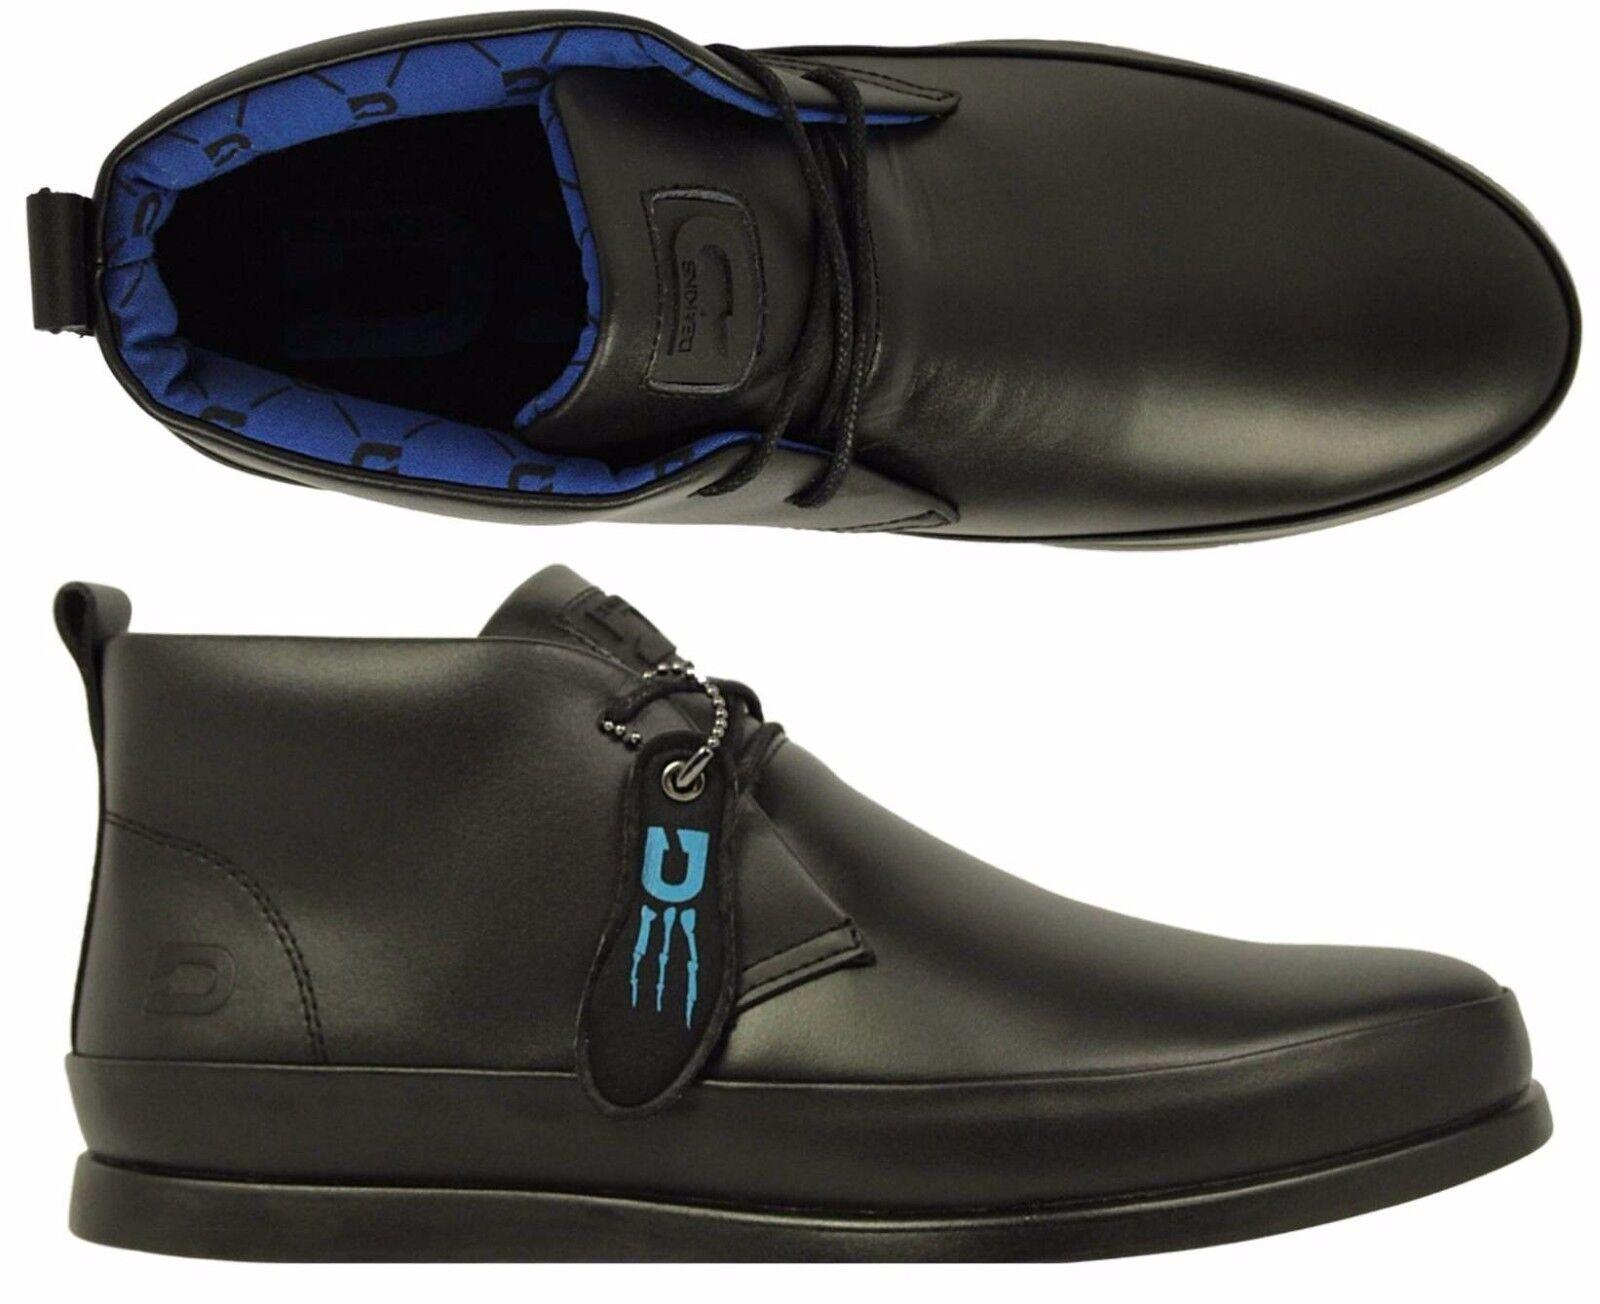 Scarpe da Uomo in Pelle NICHOLAS DEAKINS Rufus nero stivali formali smart di marca